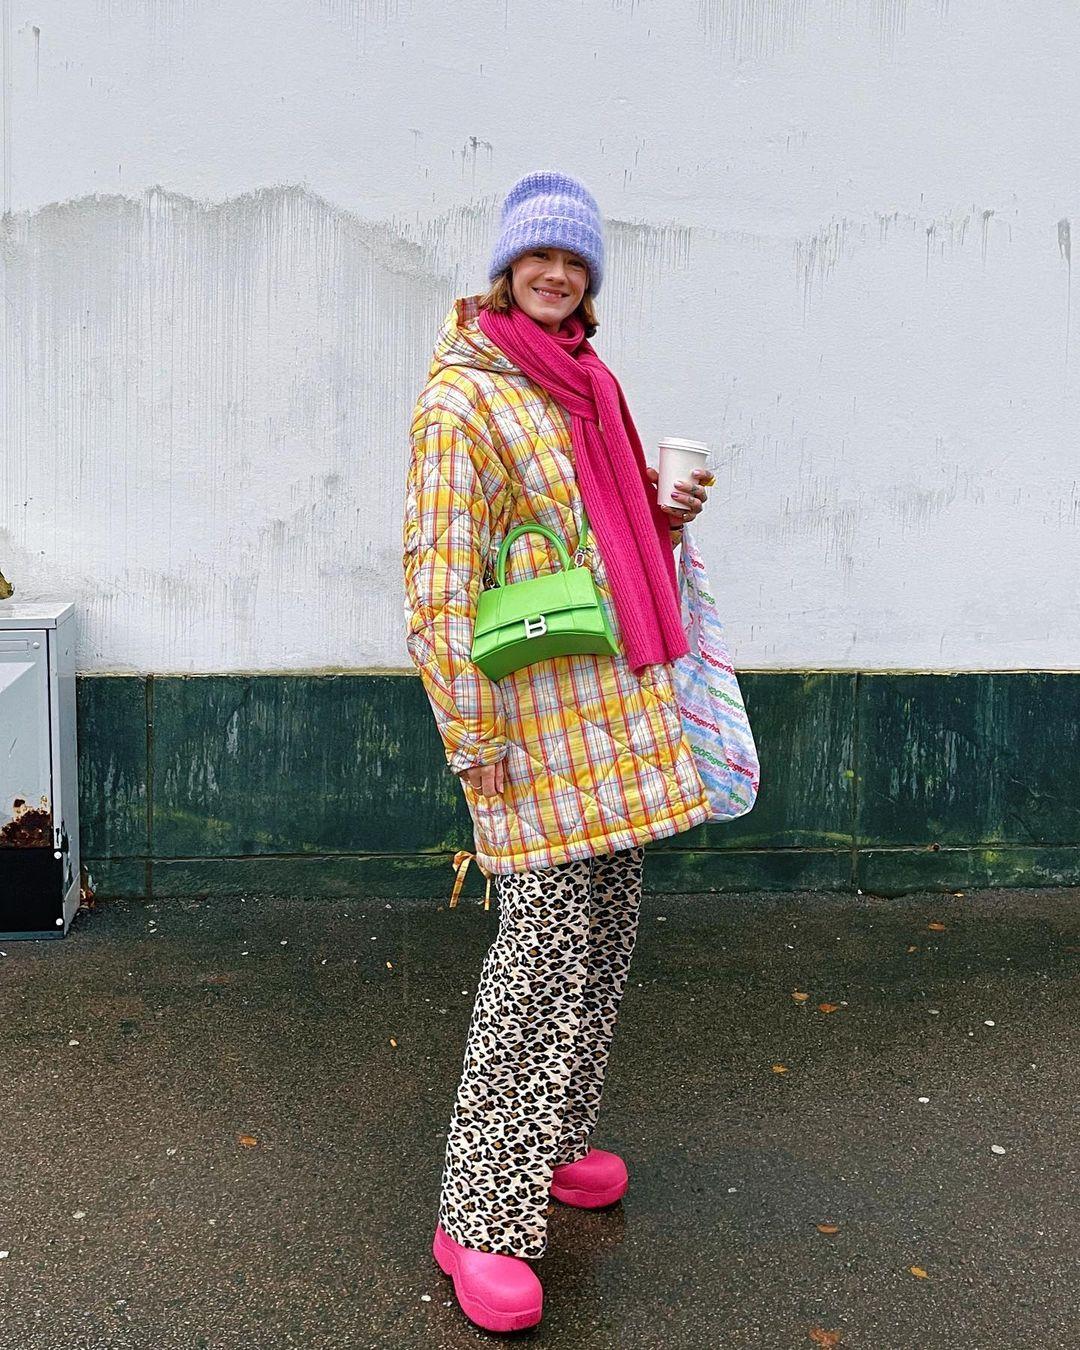 Marianne Theodorsen er en av flere norske moteprofiler som gleder seg til feiring.